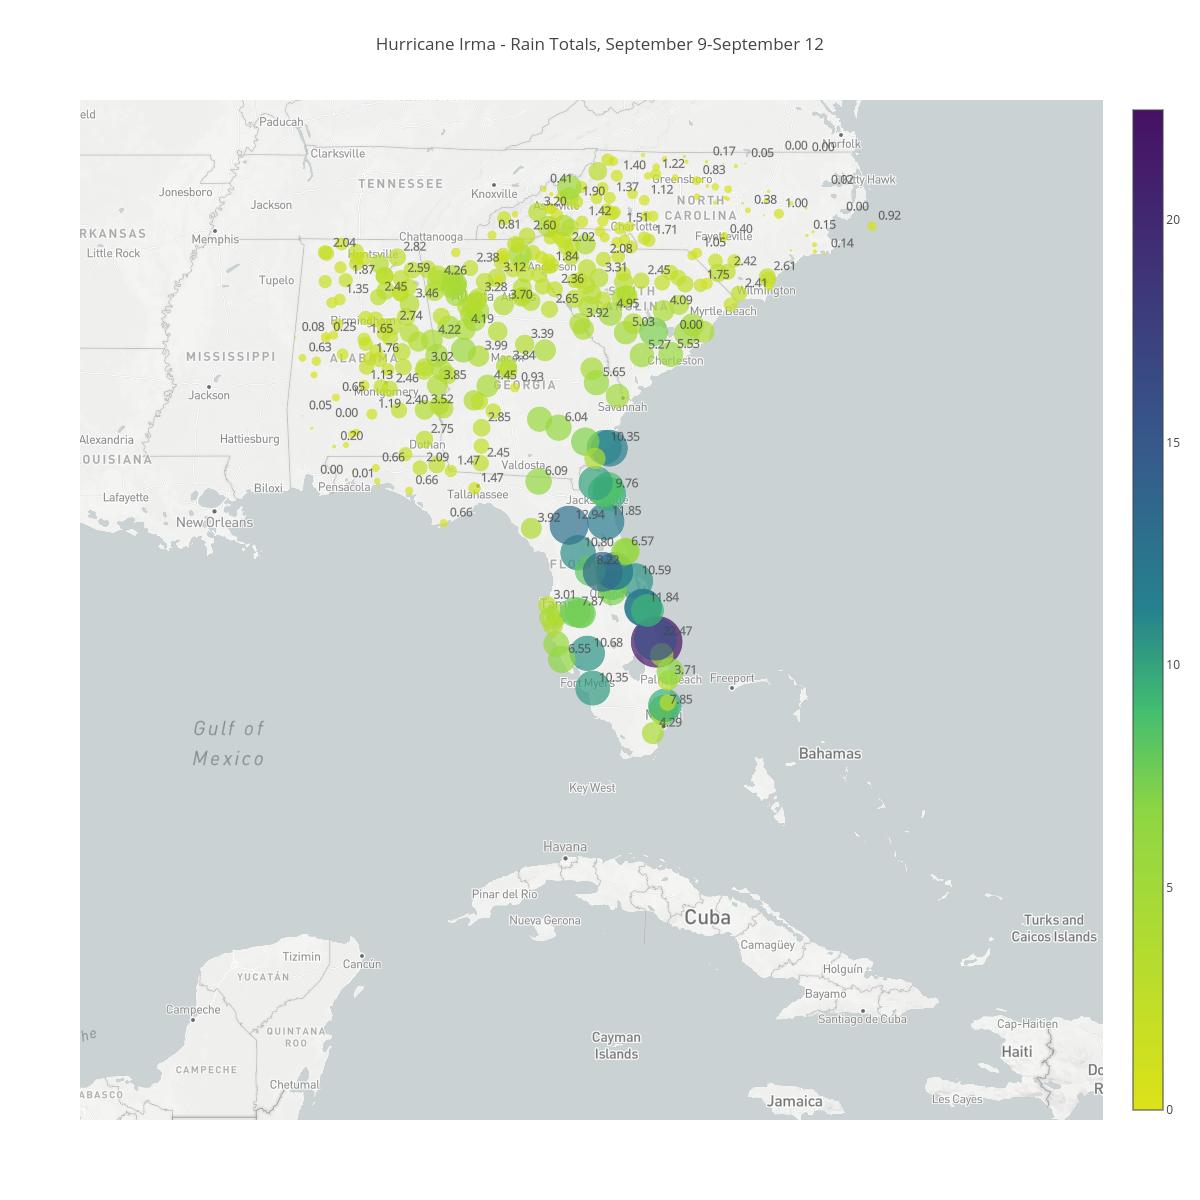 Hurricane Irma - Rain Totals, September 9-September 12 | scattermapbox made by Bigdata153 | plotly